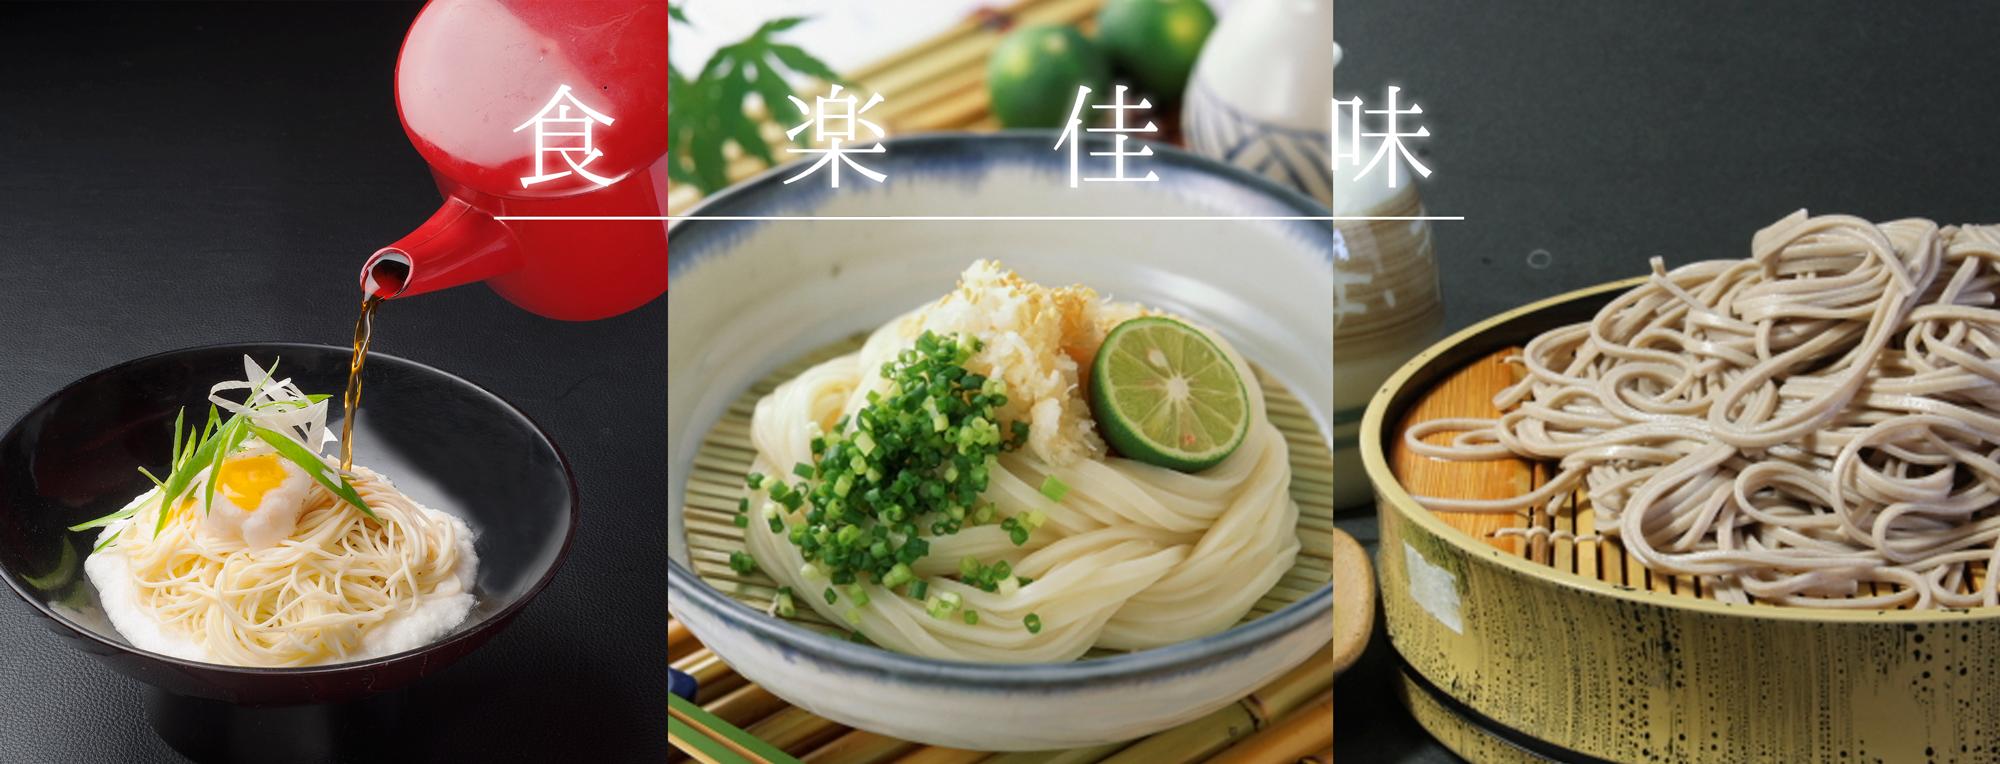 岩手 吉田製麺 ギフトセット 食楽佳味